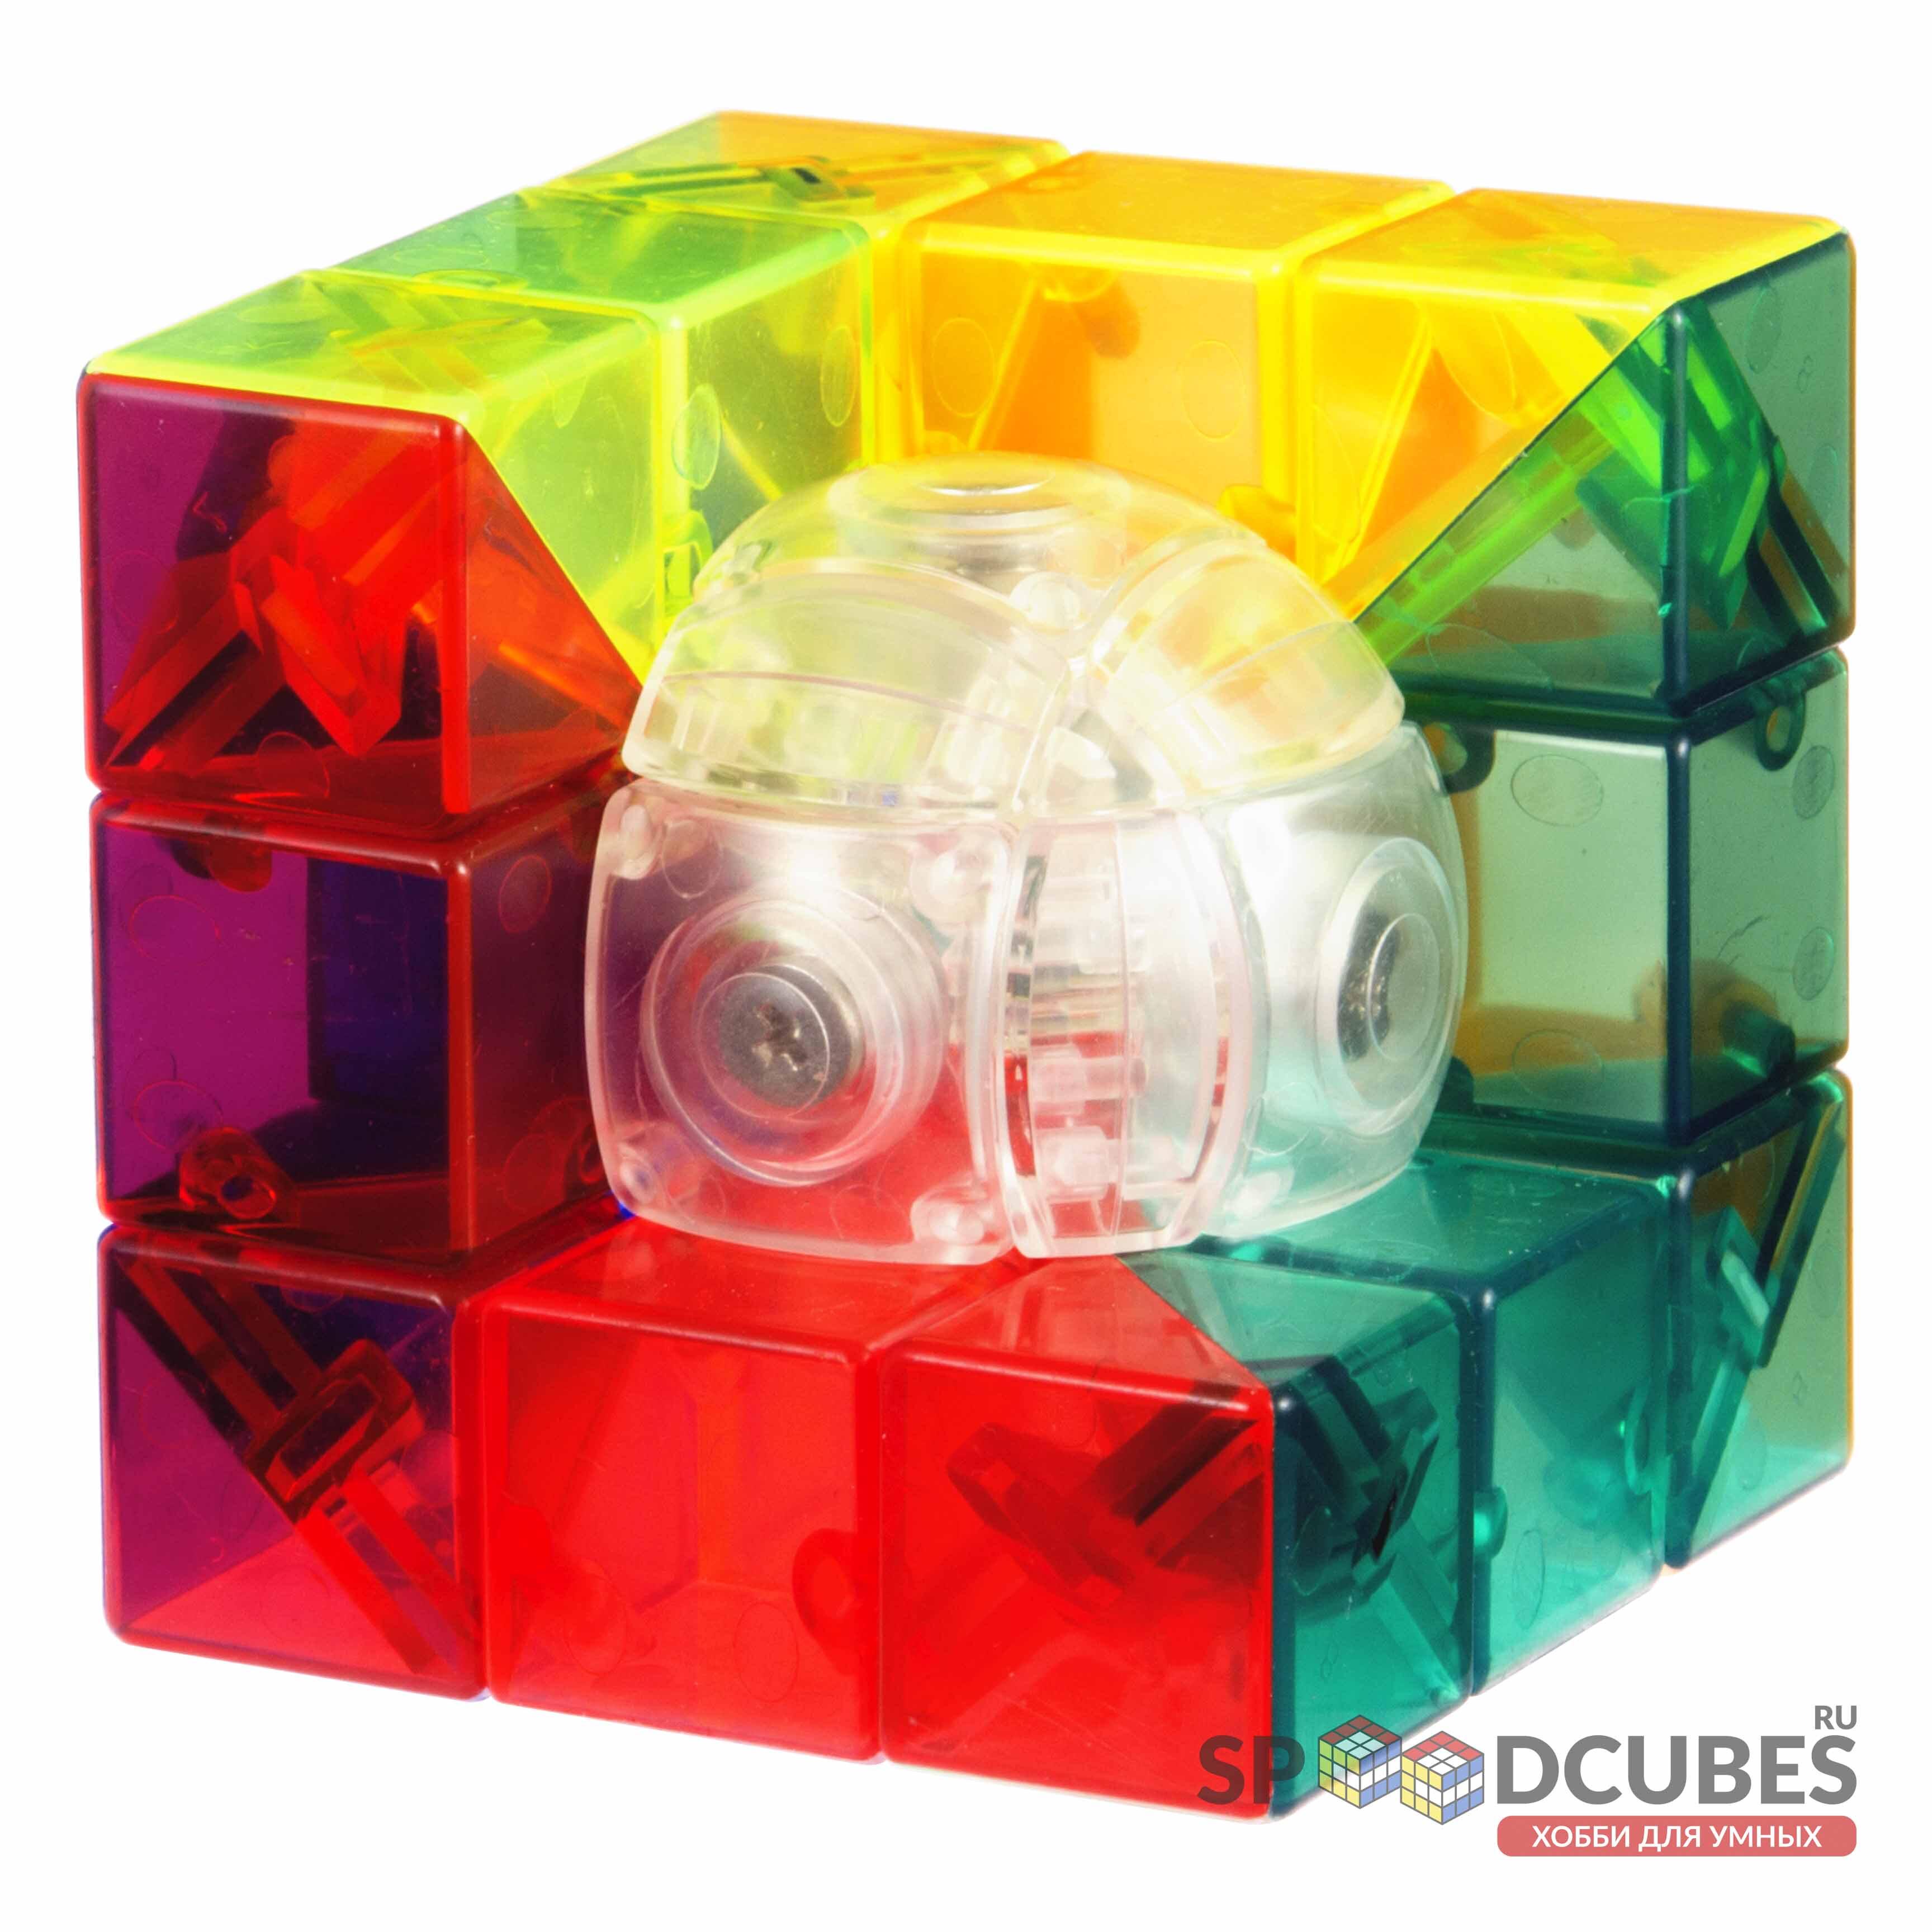 MoYu Cubing Classroom Geo Cube C